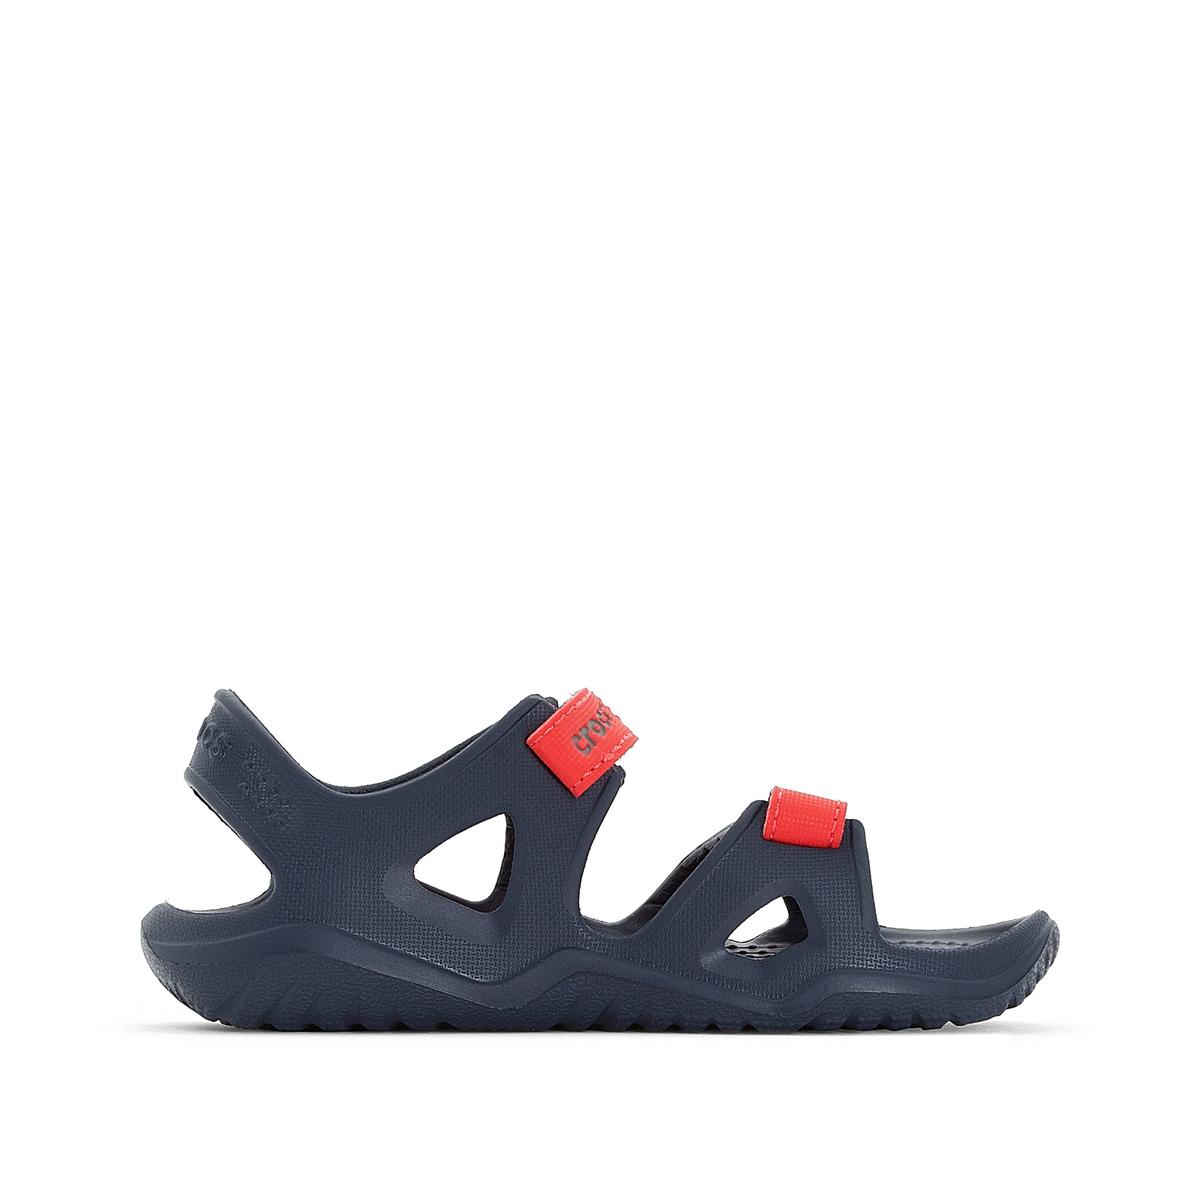 Босоножки Swiftwater River Sandal KОписание:Детали •  Плоский каблук •  Высота каблука : 1,5 см •  Застежка : планка-велкро •  Открытый мысок •  Гладкая отделкаСостав и уход •  Верх 100% синтетический материал •  Подошва 100% синтетический материал<br><br>Цвет: розовый/ фиолетовый,темно-синий/ красный